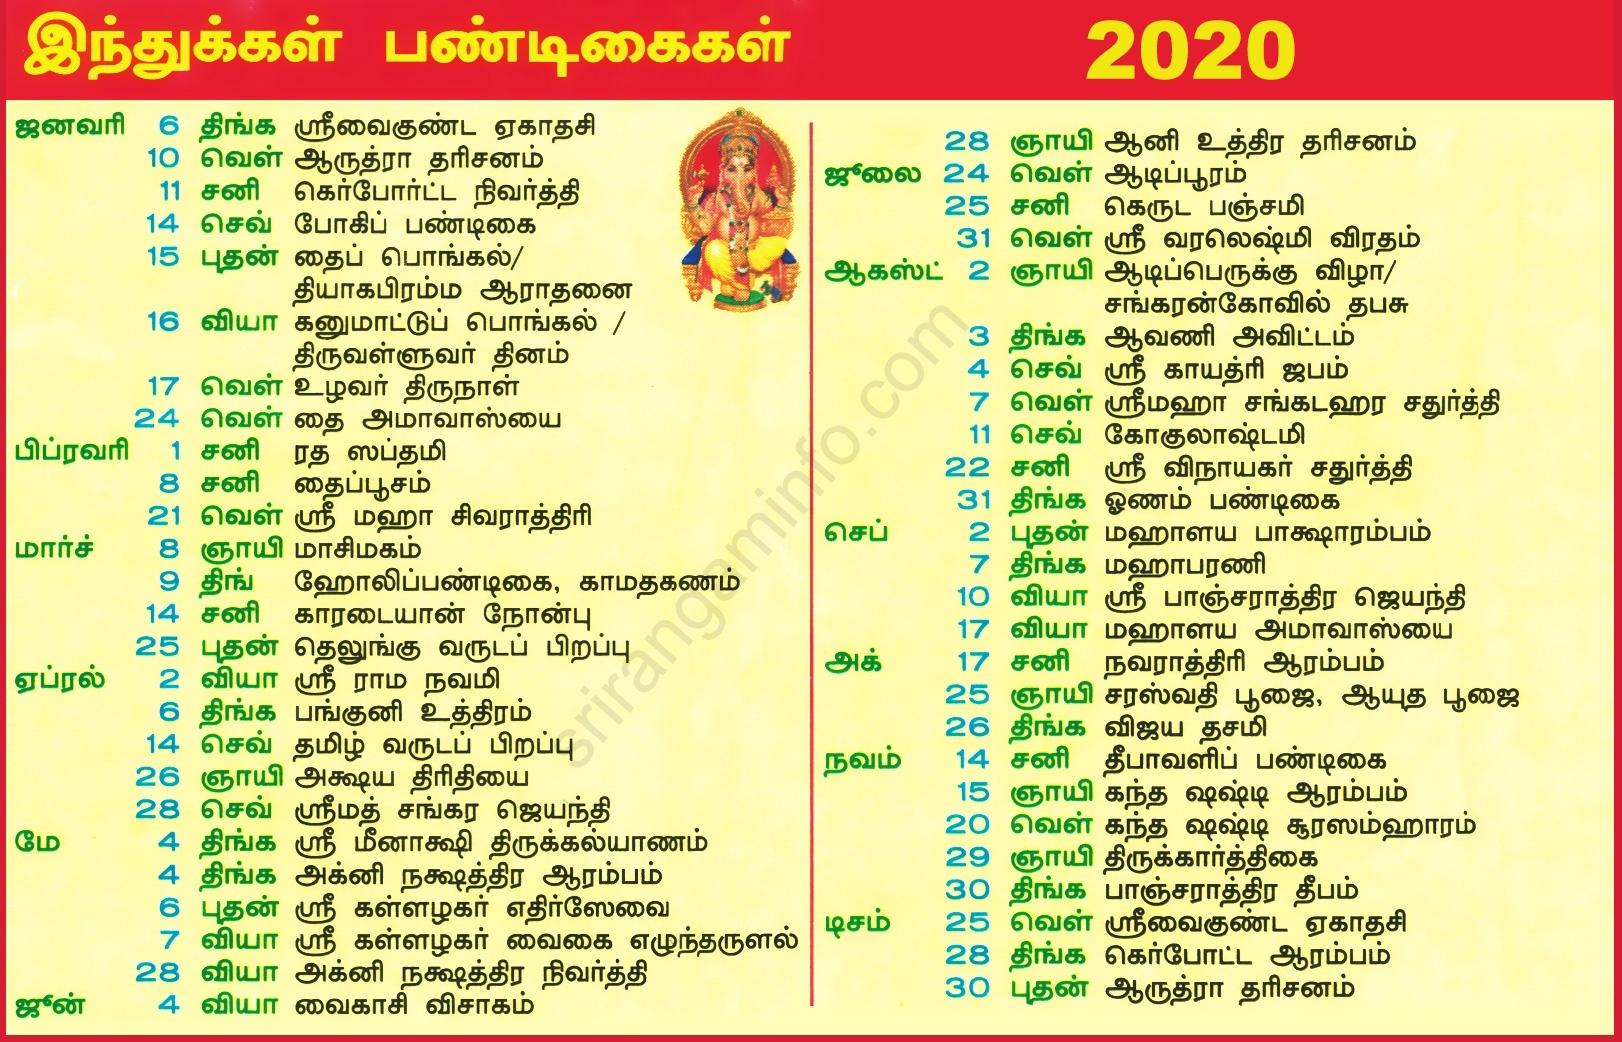 Tamil Festivals 2020 - Hindu Festivals 2020